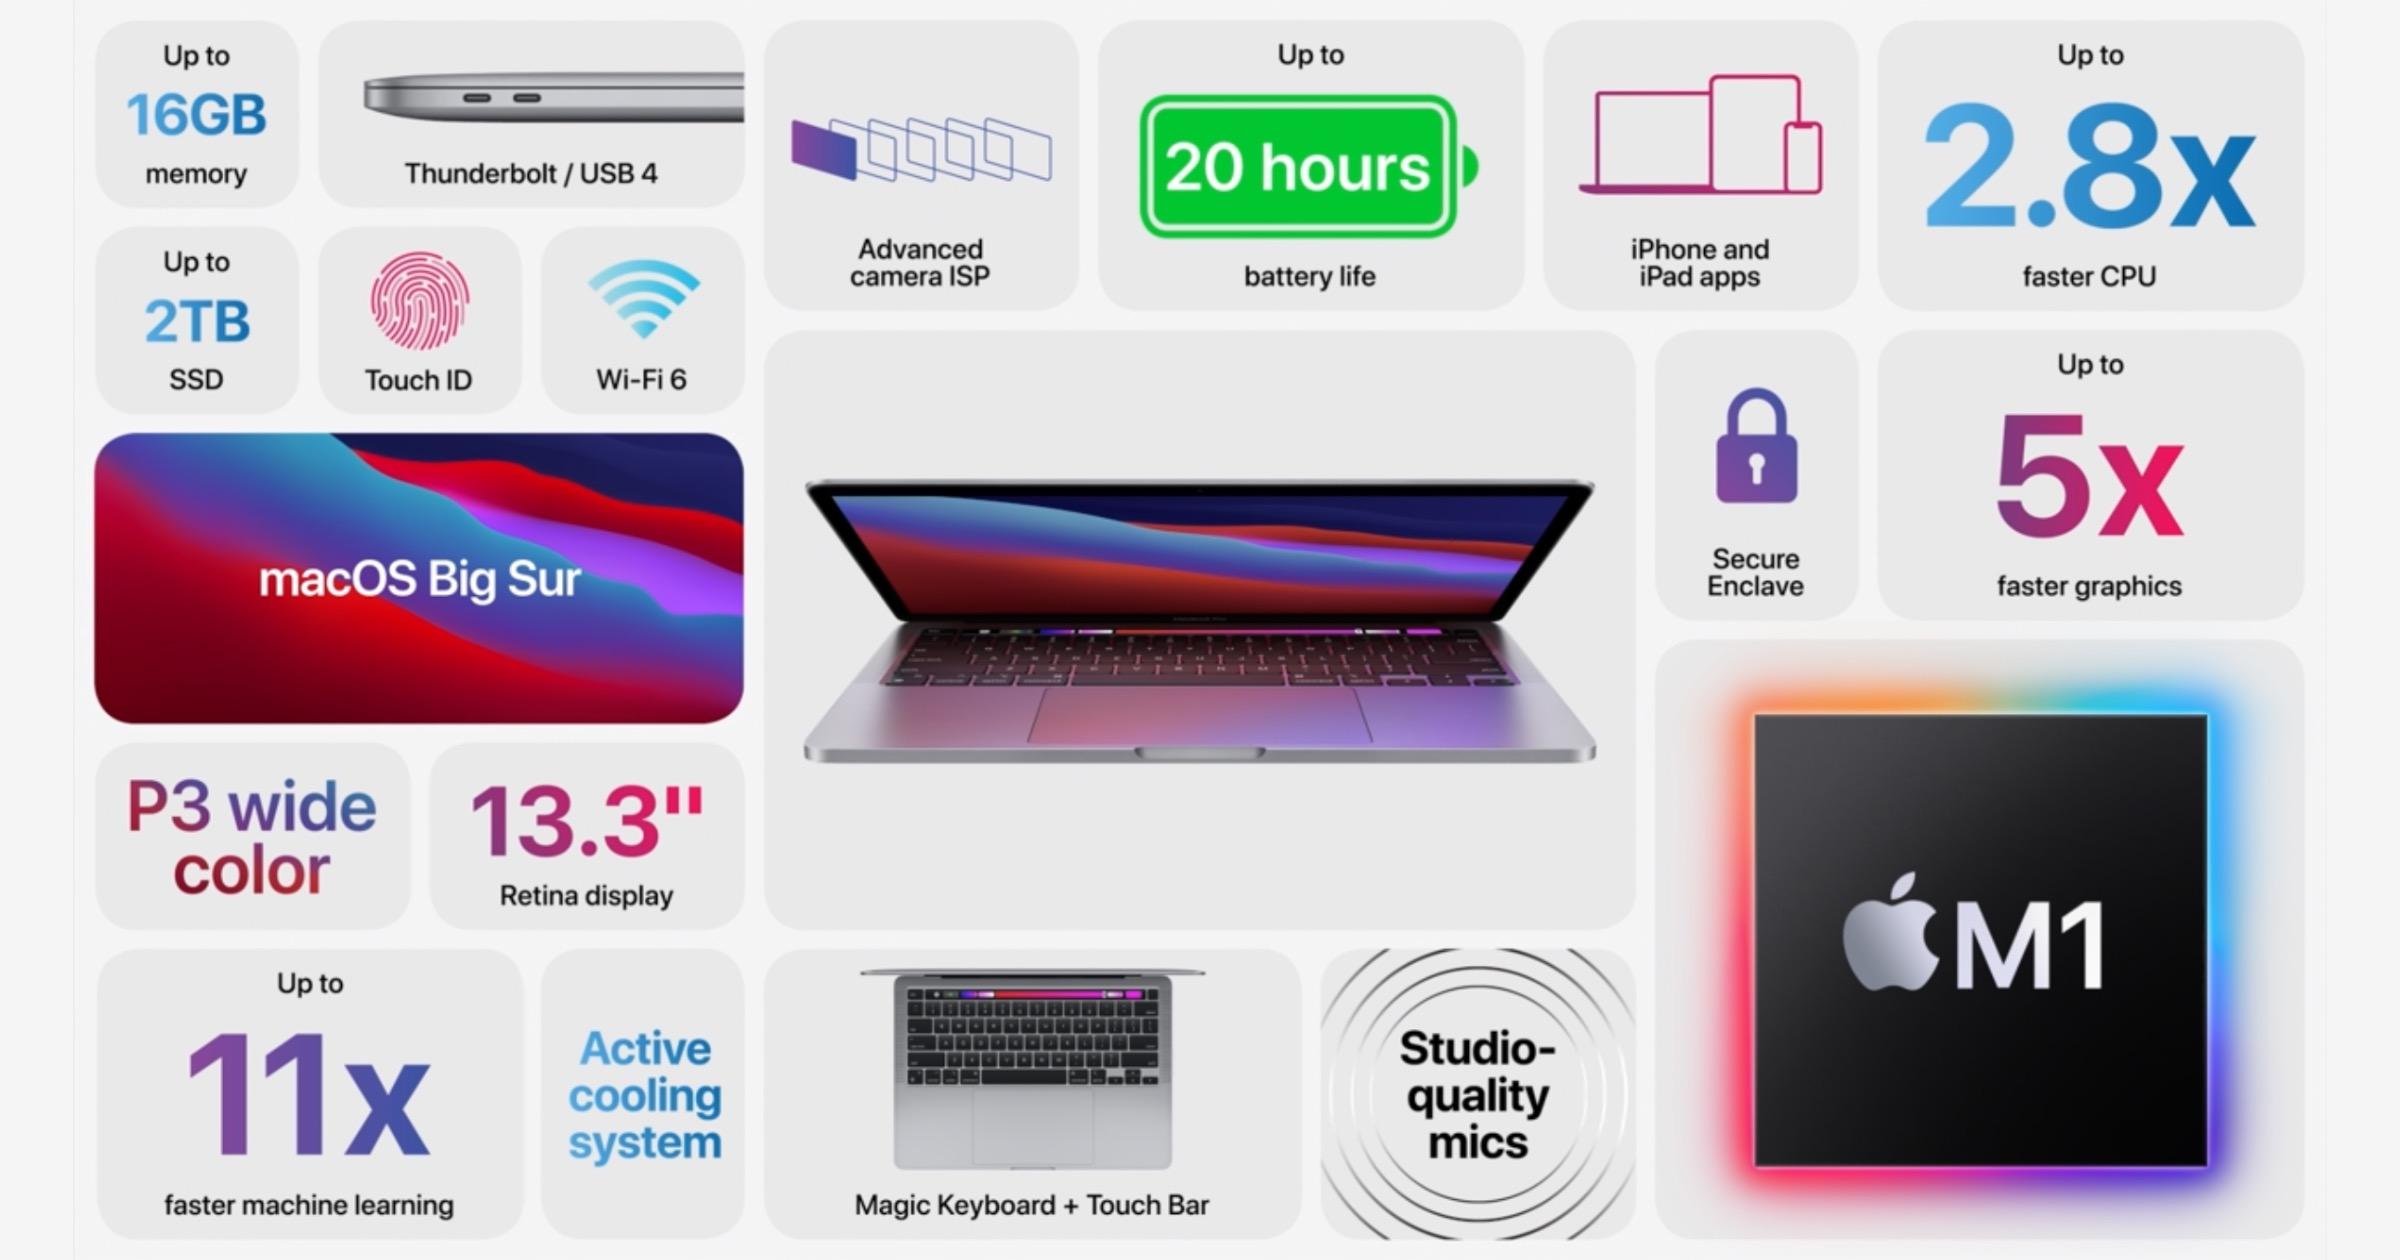 Breakdown of new M1 MacBook Pro features